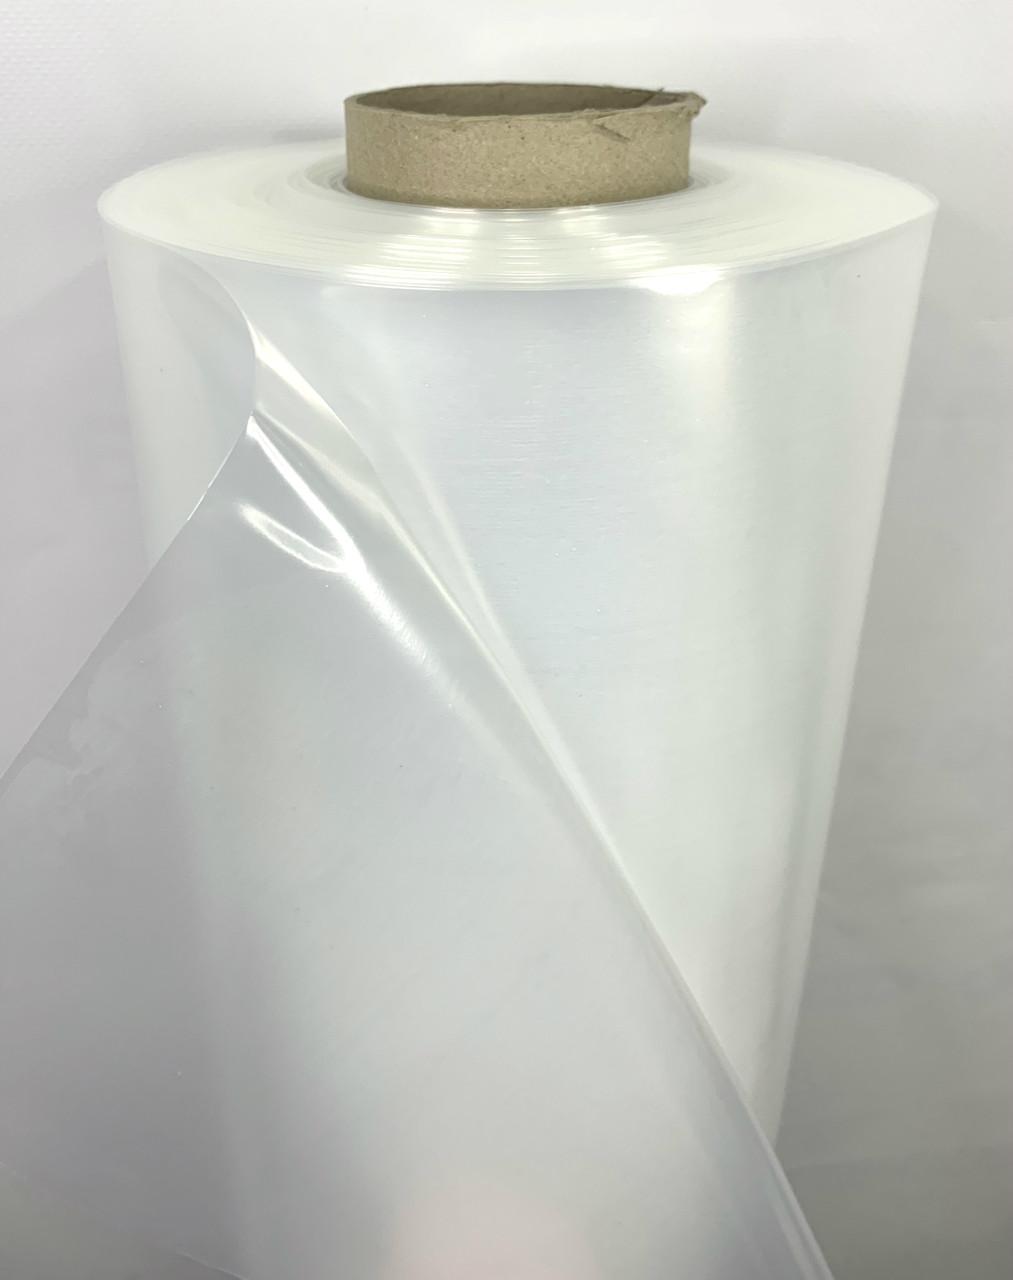 Пленка тепличная 150 мкм, 3м.х50м.Тепличная (парниковая, полиэтиленовая).